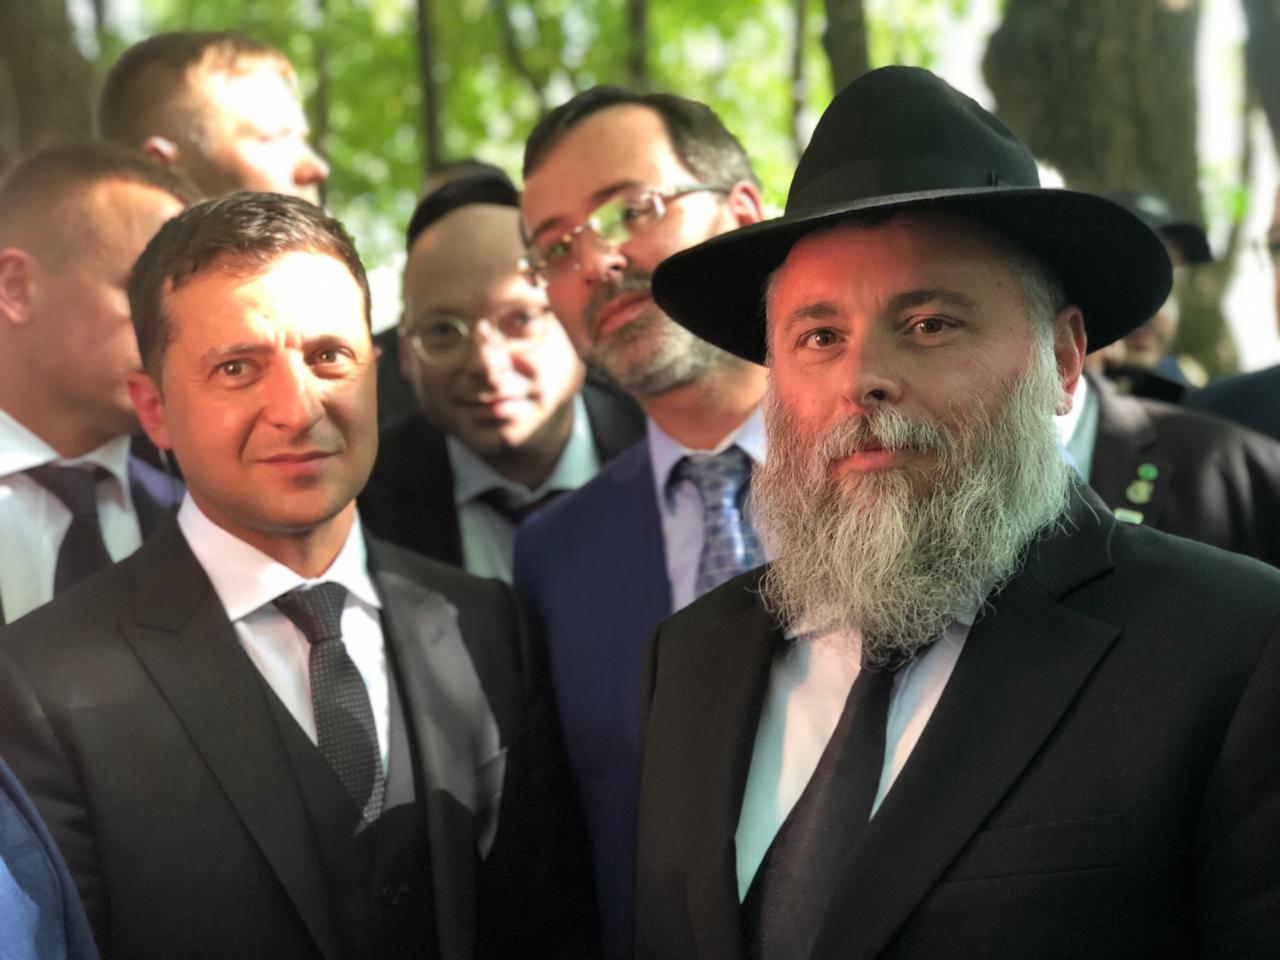 Президент України Володимир Зеленський та головний рабин Києва Йонатан Біньямін Маркович